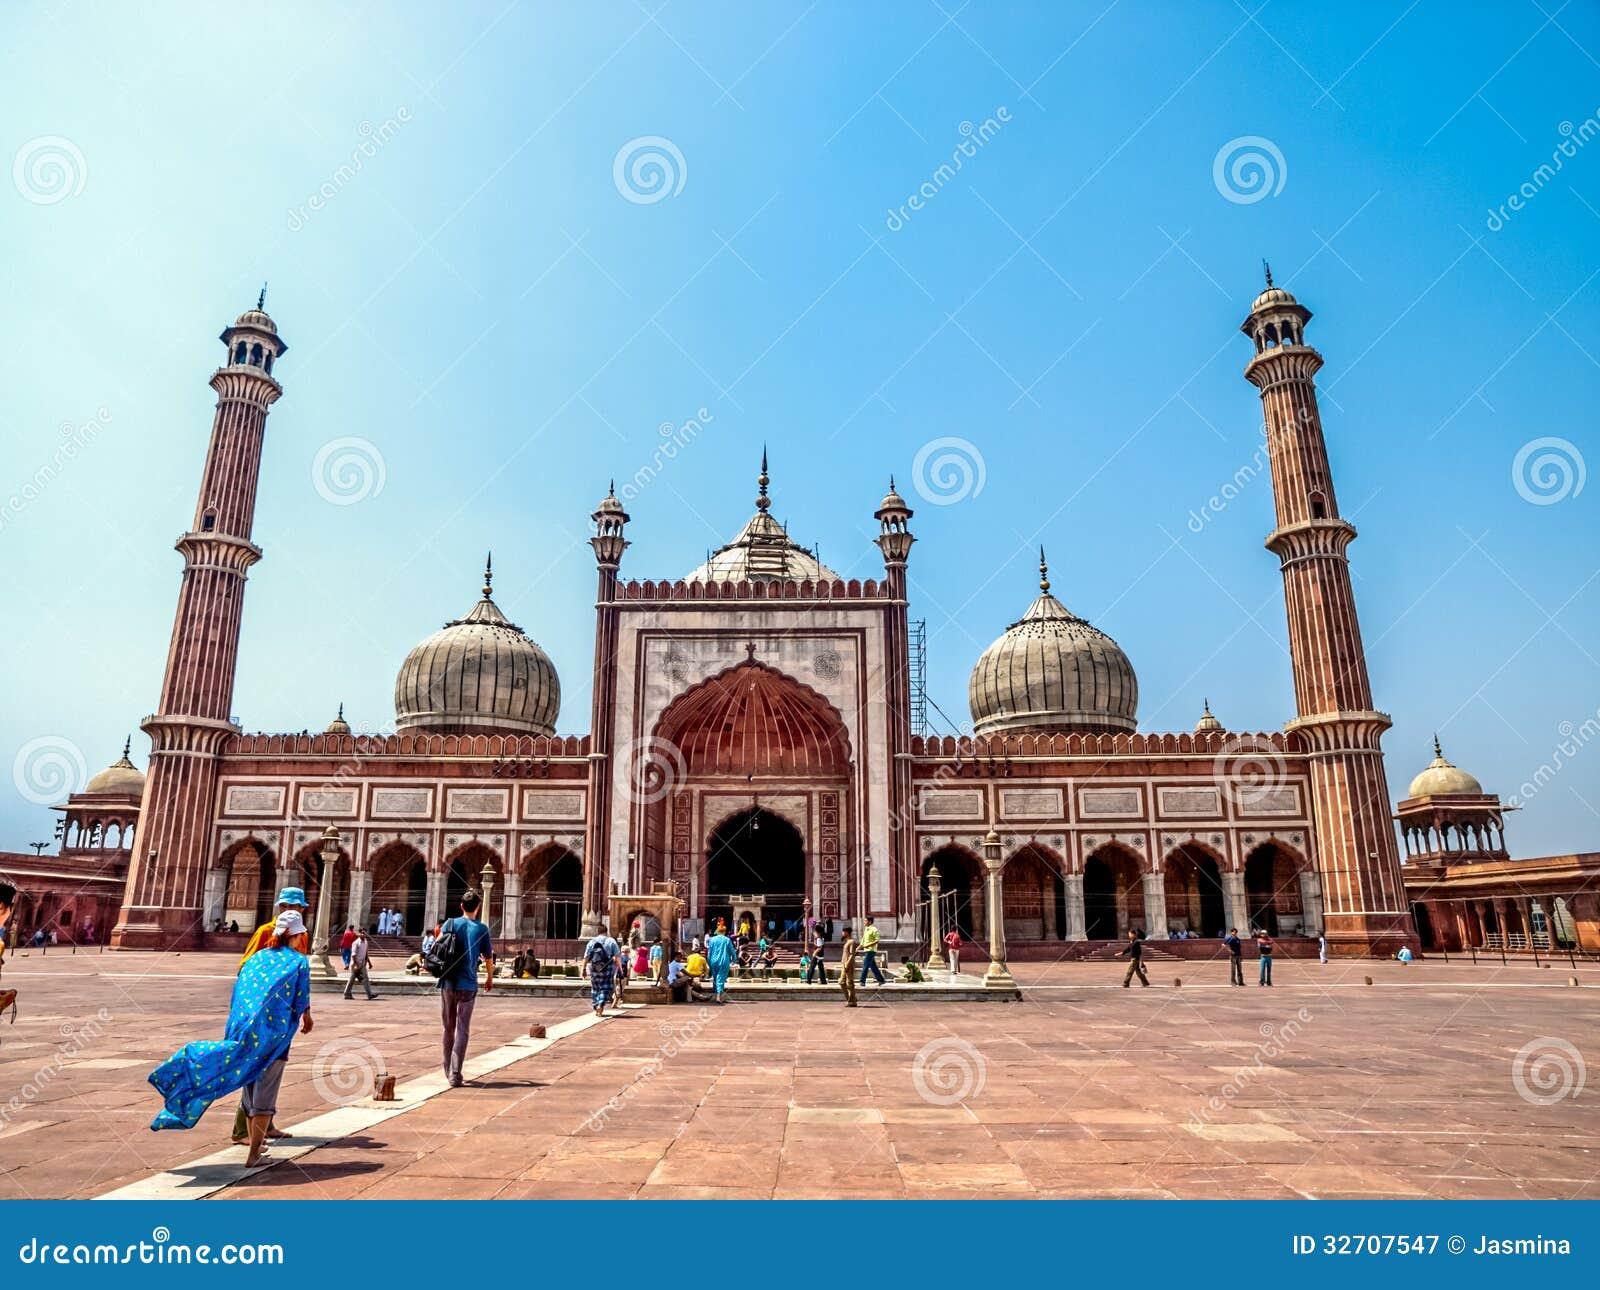 Travel Management New Delhi Delhi